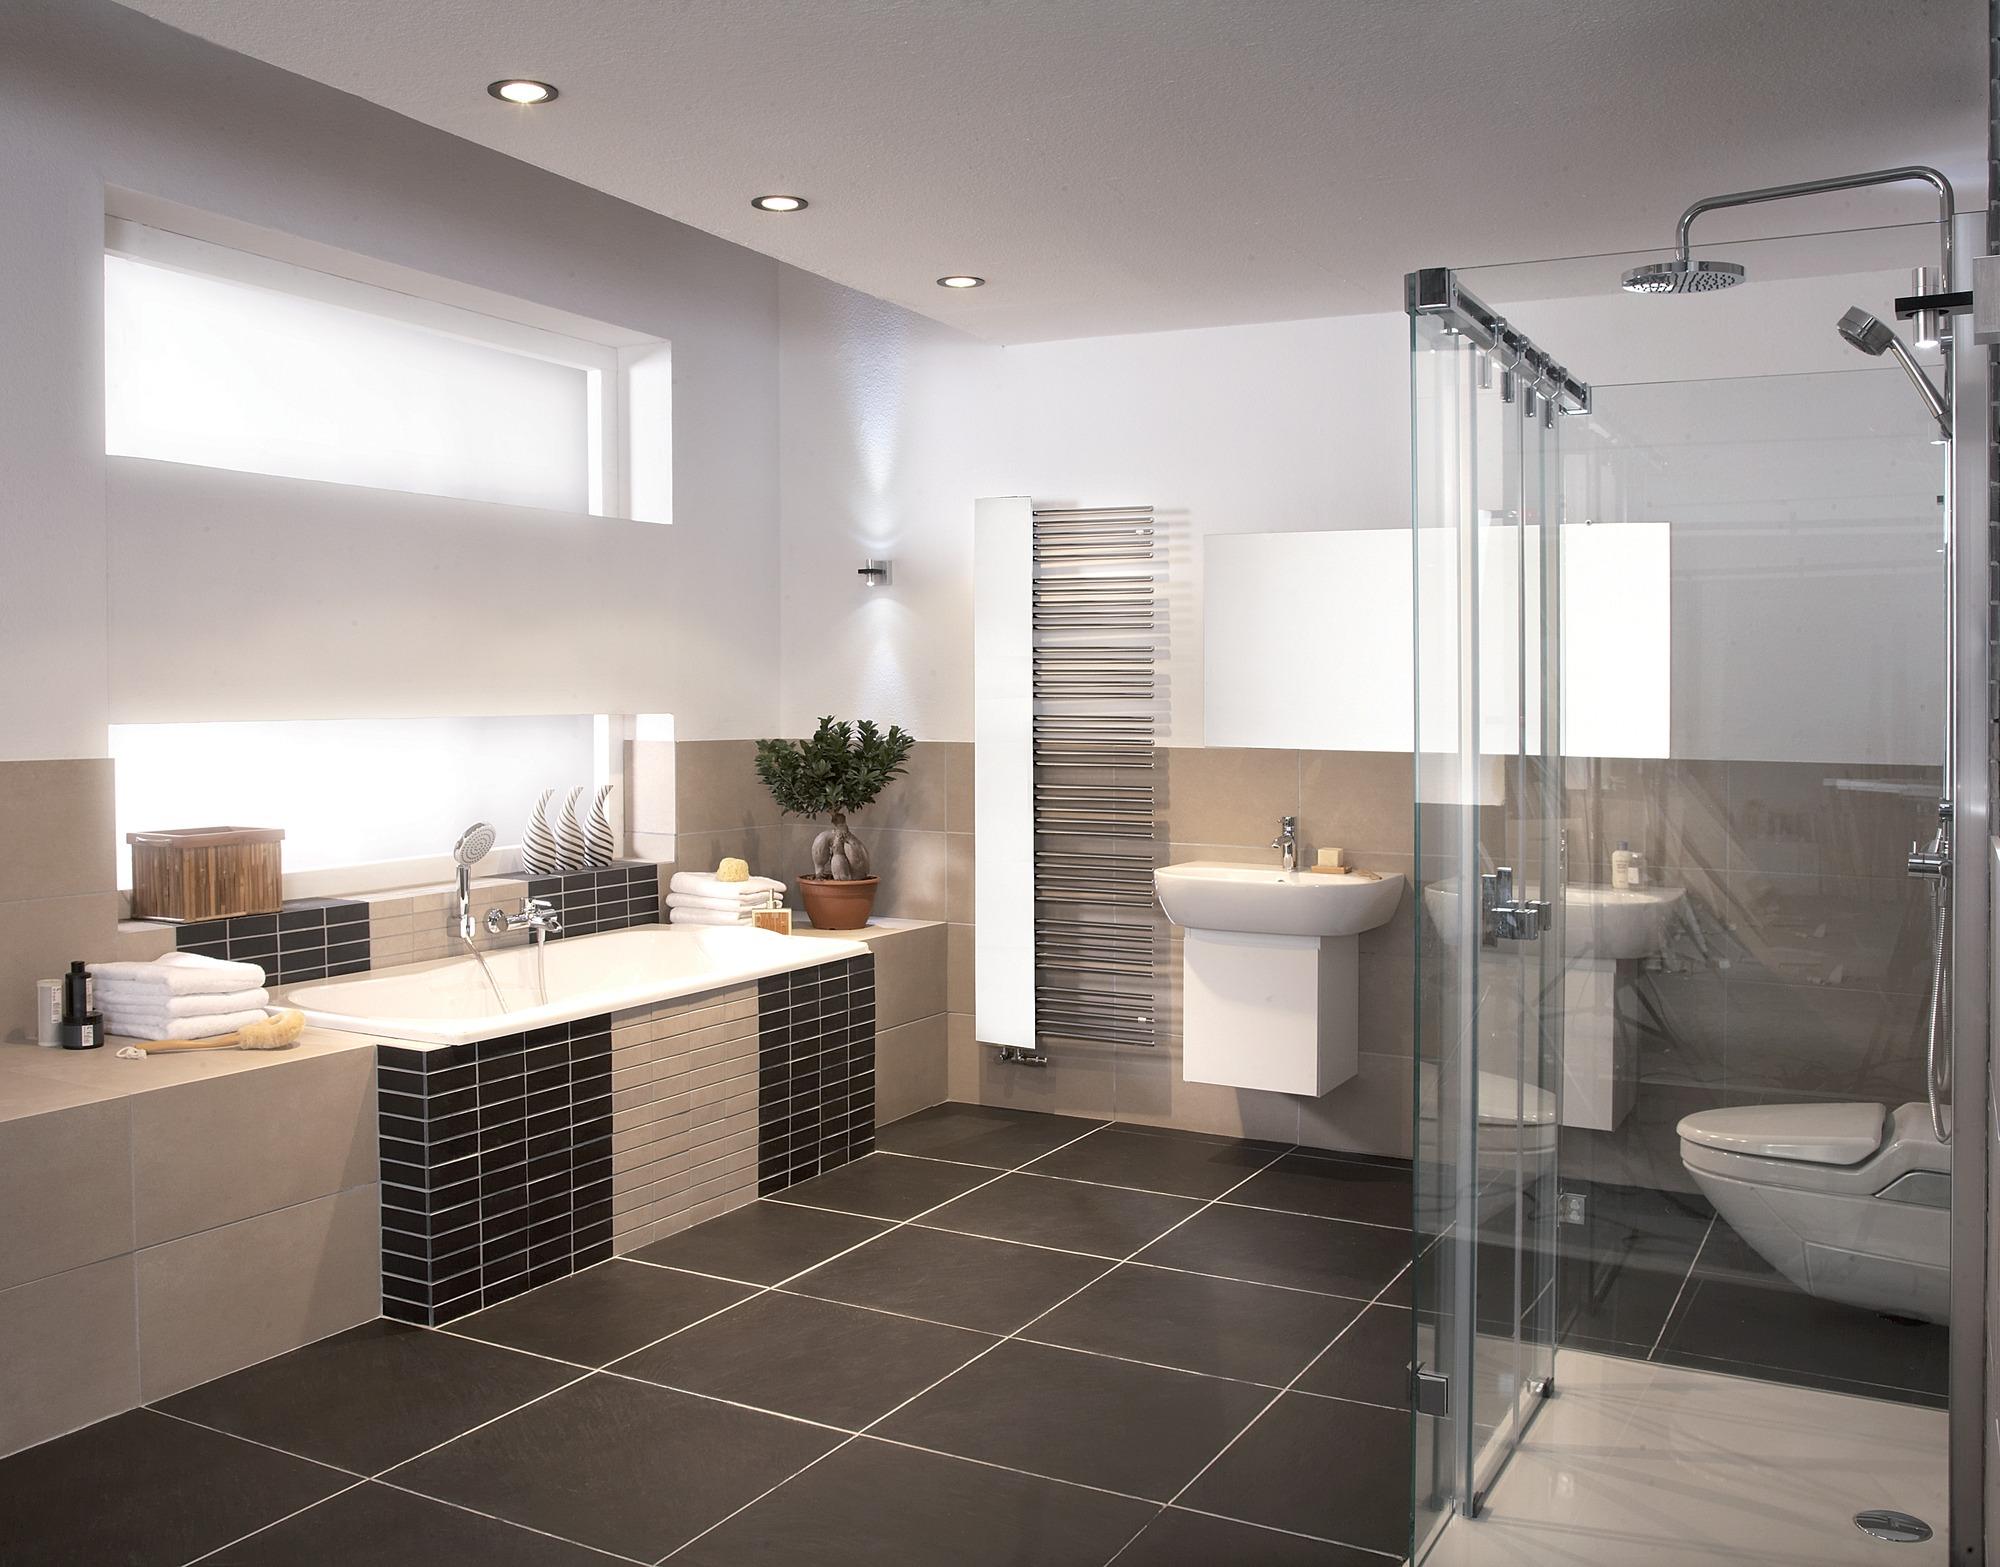 novinka rychl syst my pro v stavbu a rekonstrukci koupelen balk n a teras od pci tzb info. Black Bedroom Furniture Sets. Home Design Ideas